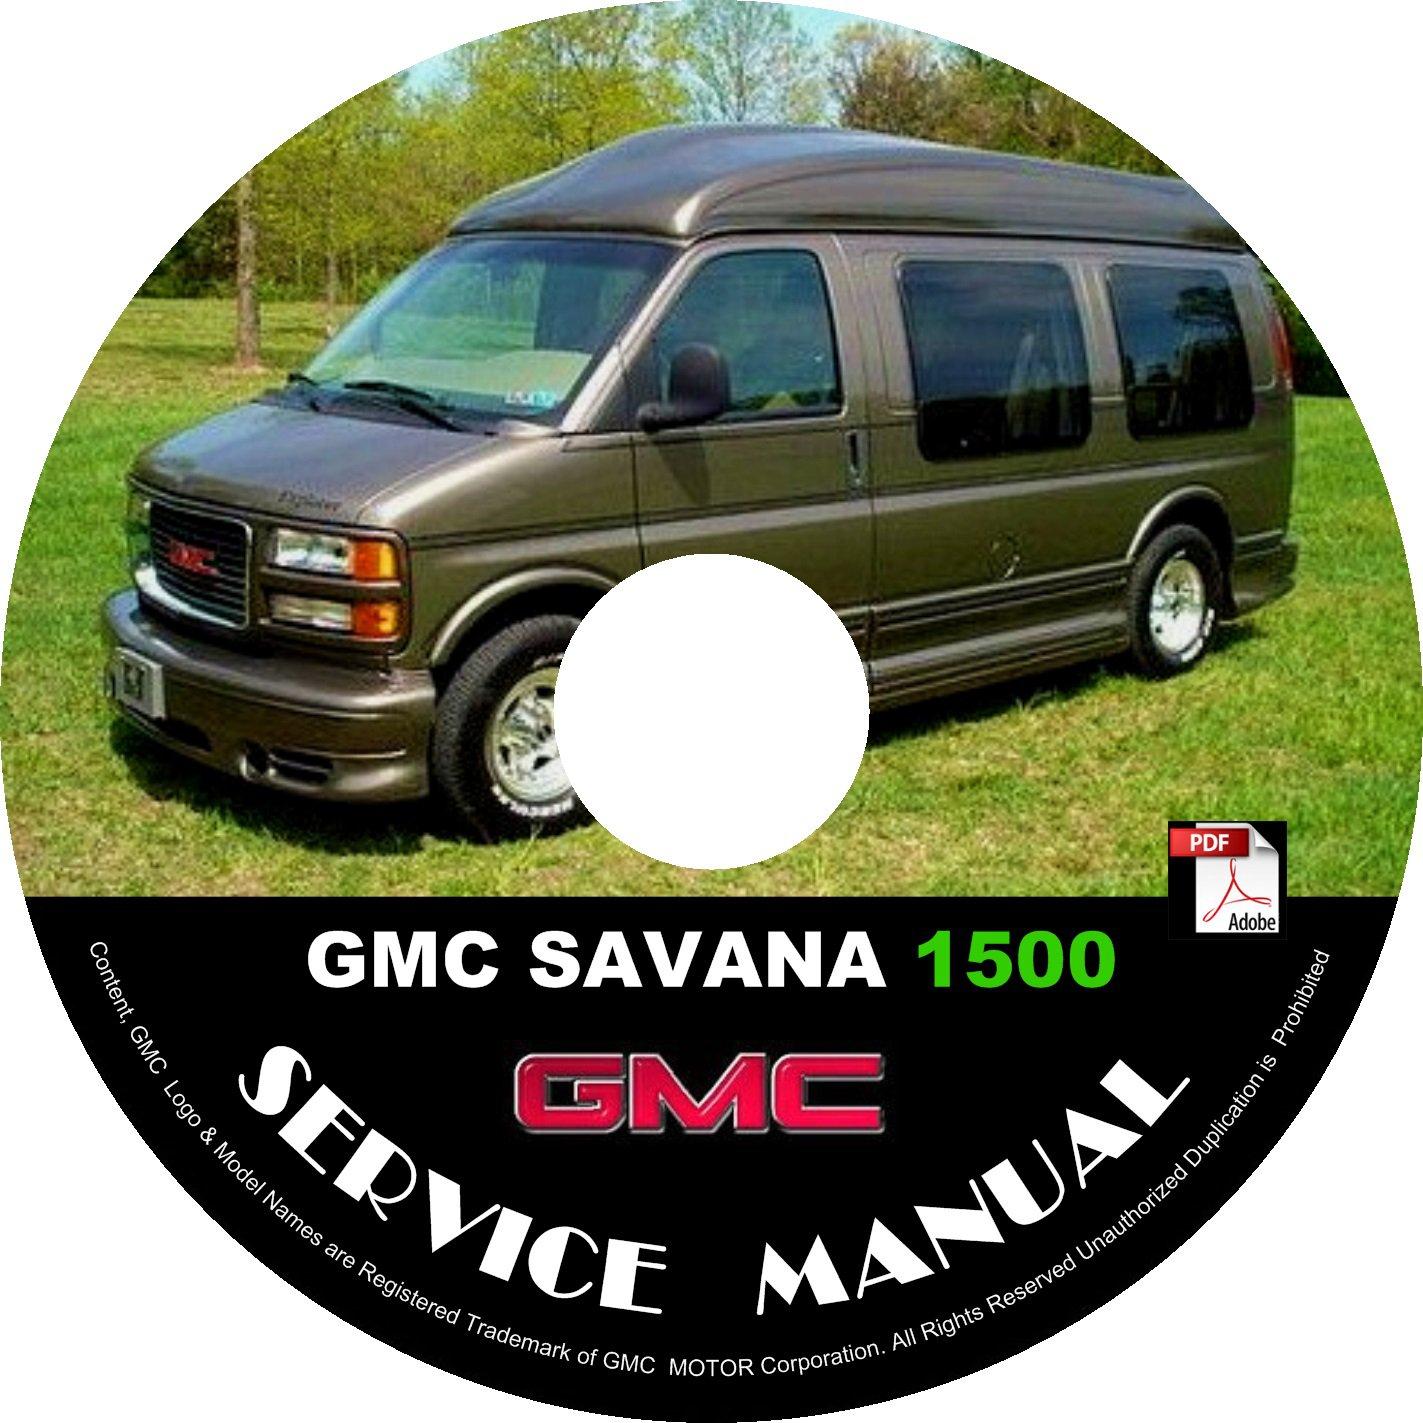 1999 GMC Savana 1500 G1500 Service Repair Shop Manual on CD 99 Fix Repair Rebuild Workshop Guide